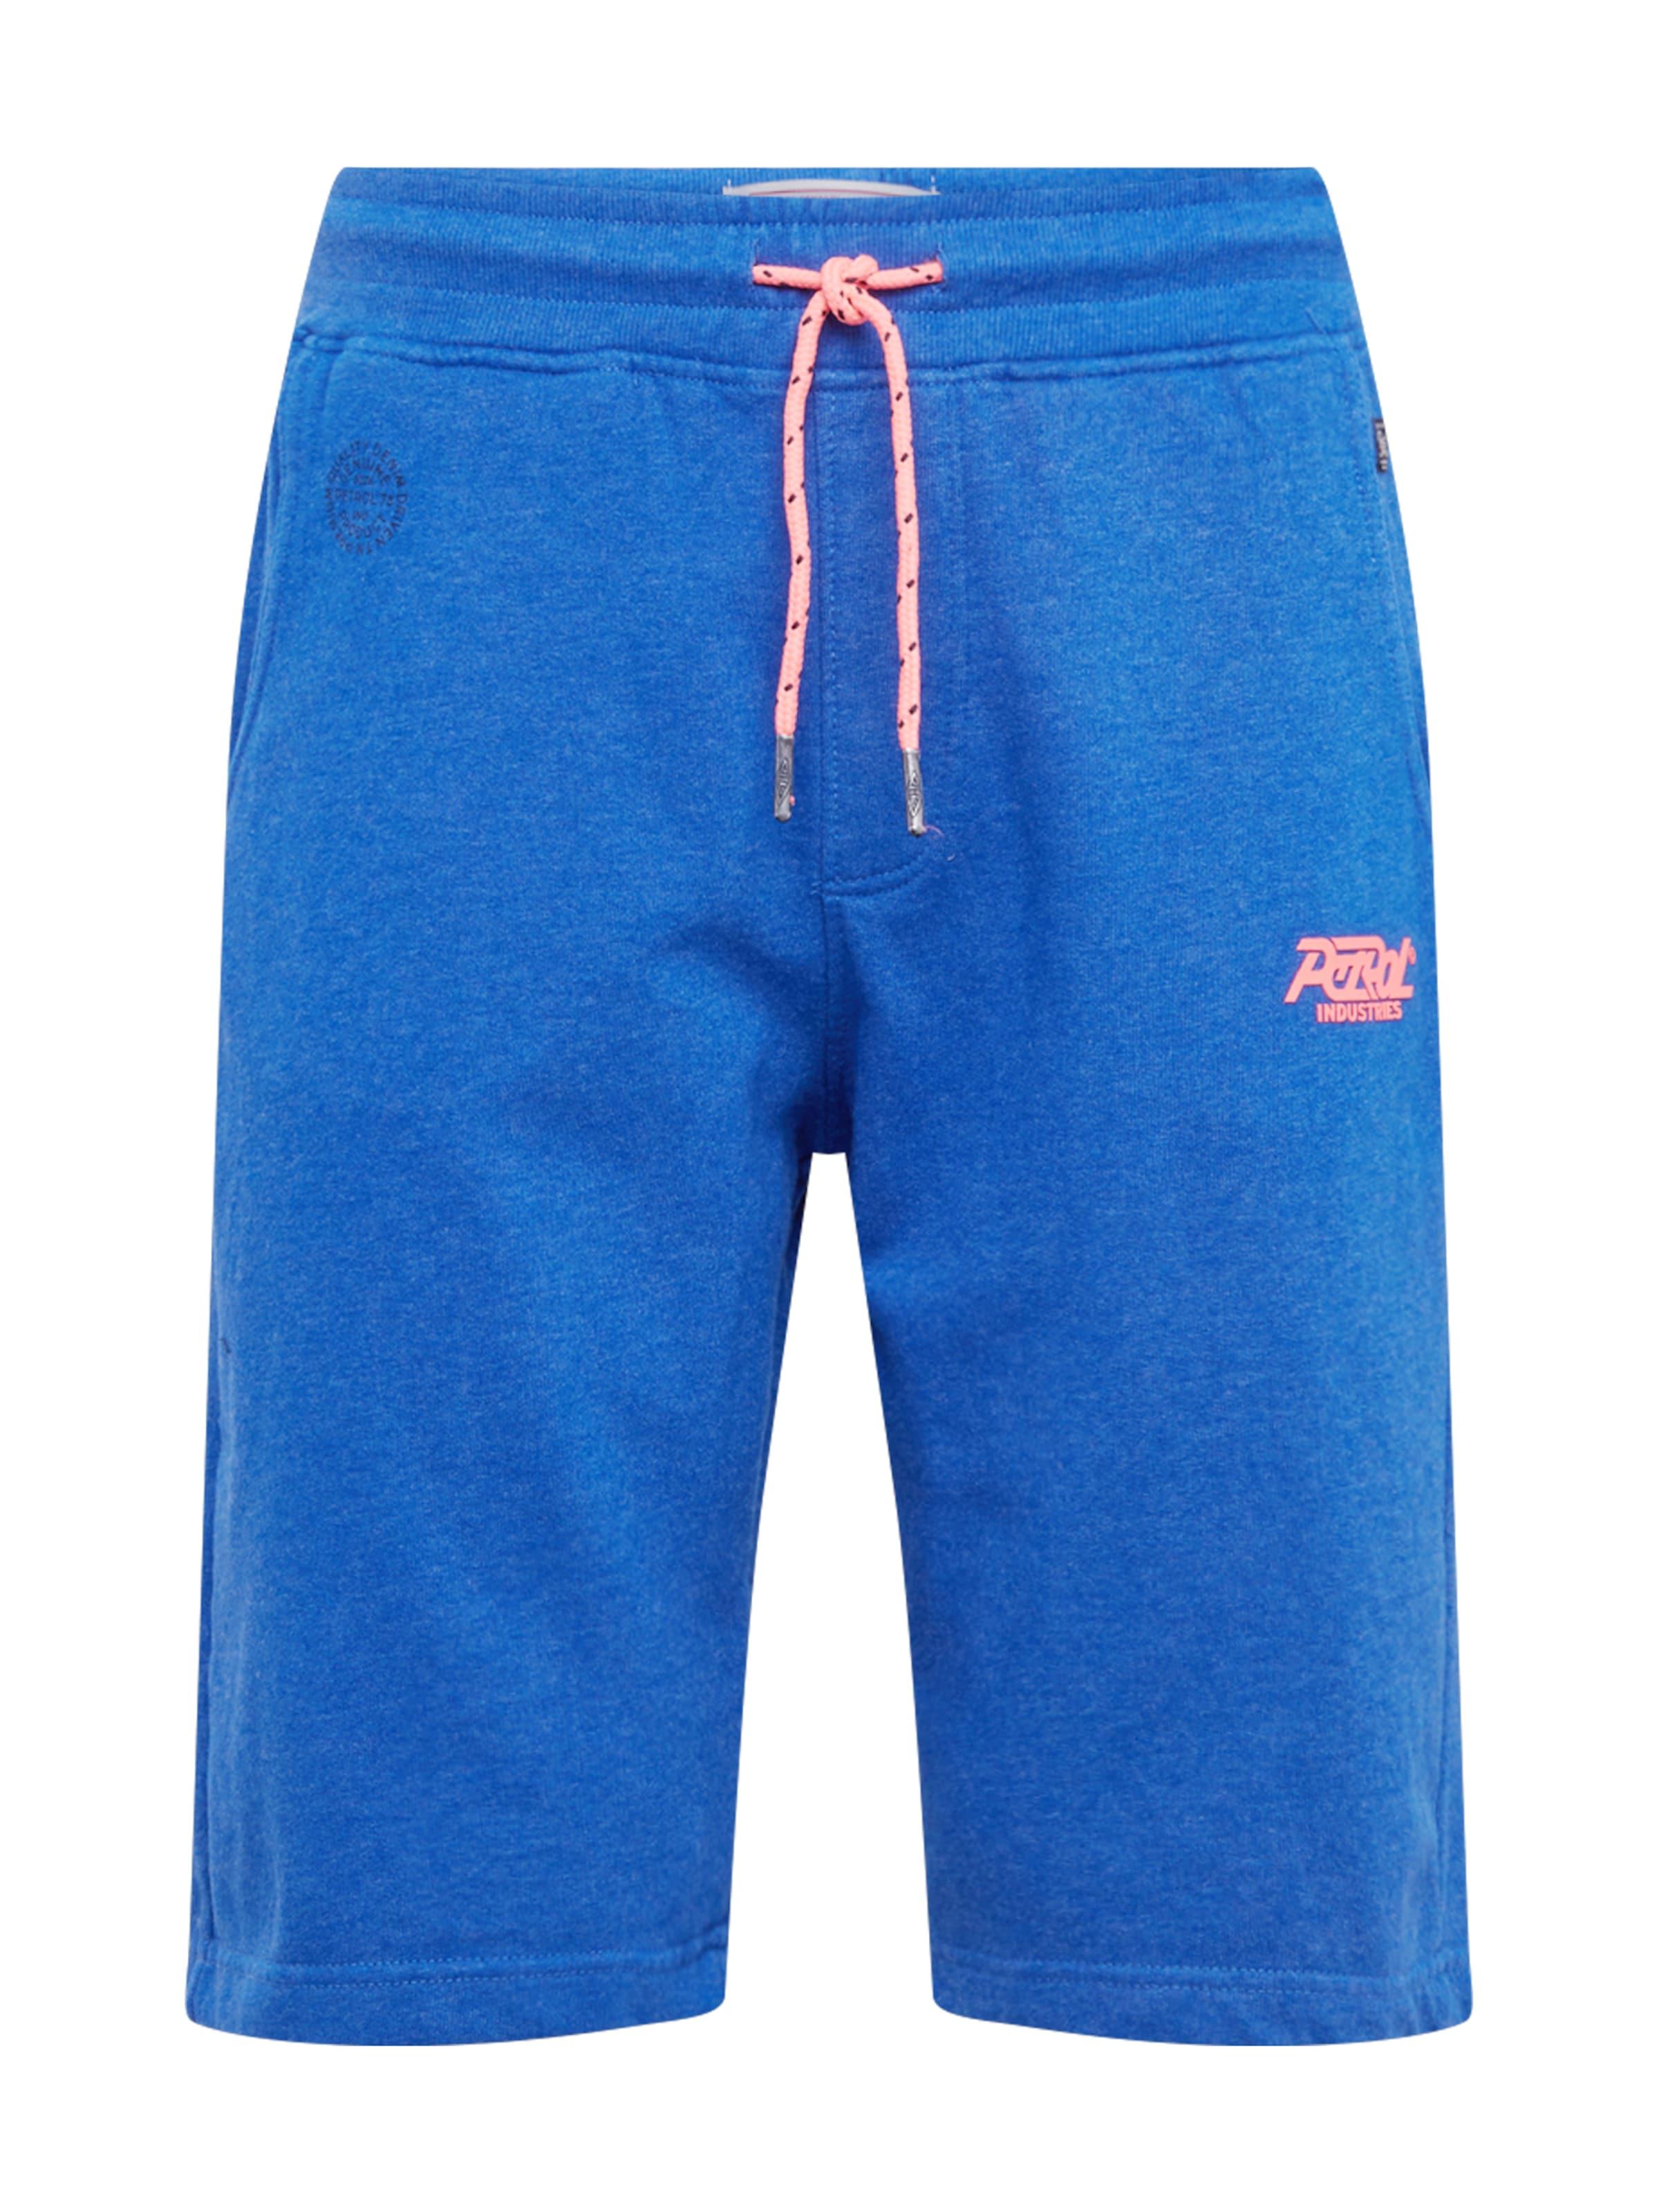 En Industries Petrol Petrol Pantalon Pantalon BleuOrange BleuOrange Industries En 80vmNwOnyP